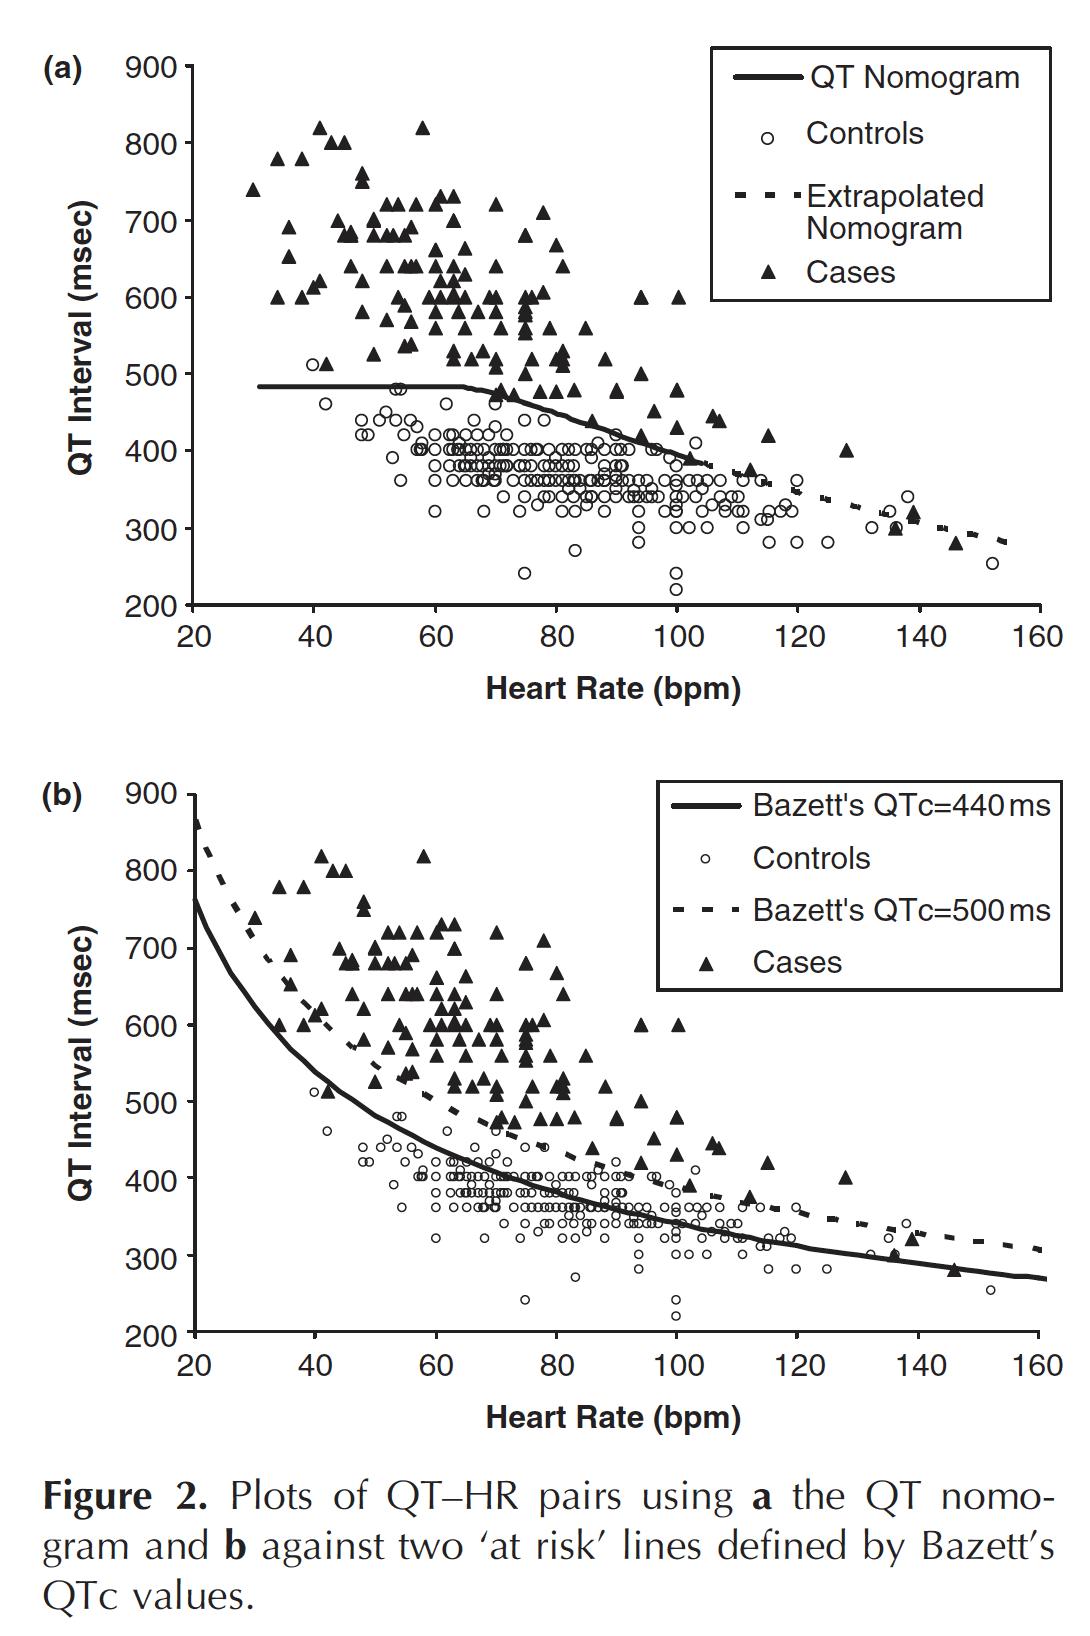 Chan et al plots of QT-HR pairs